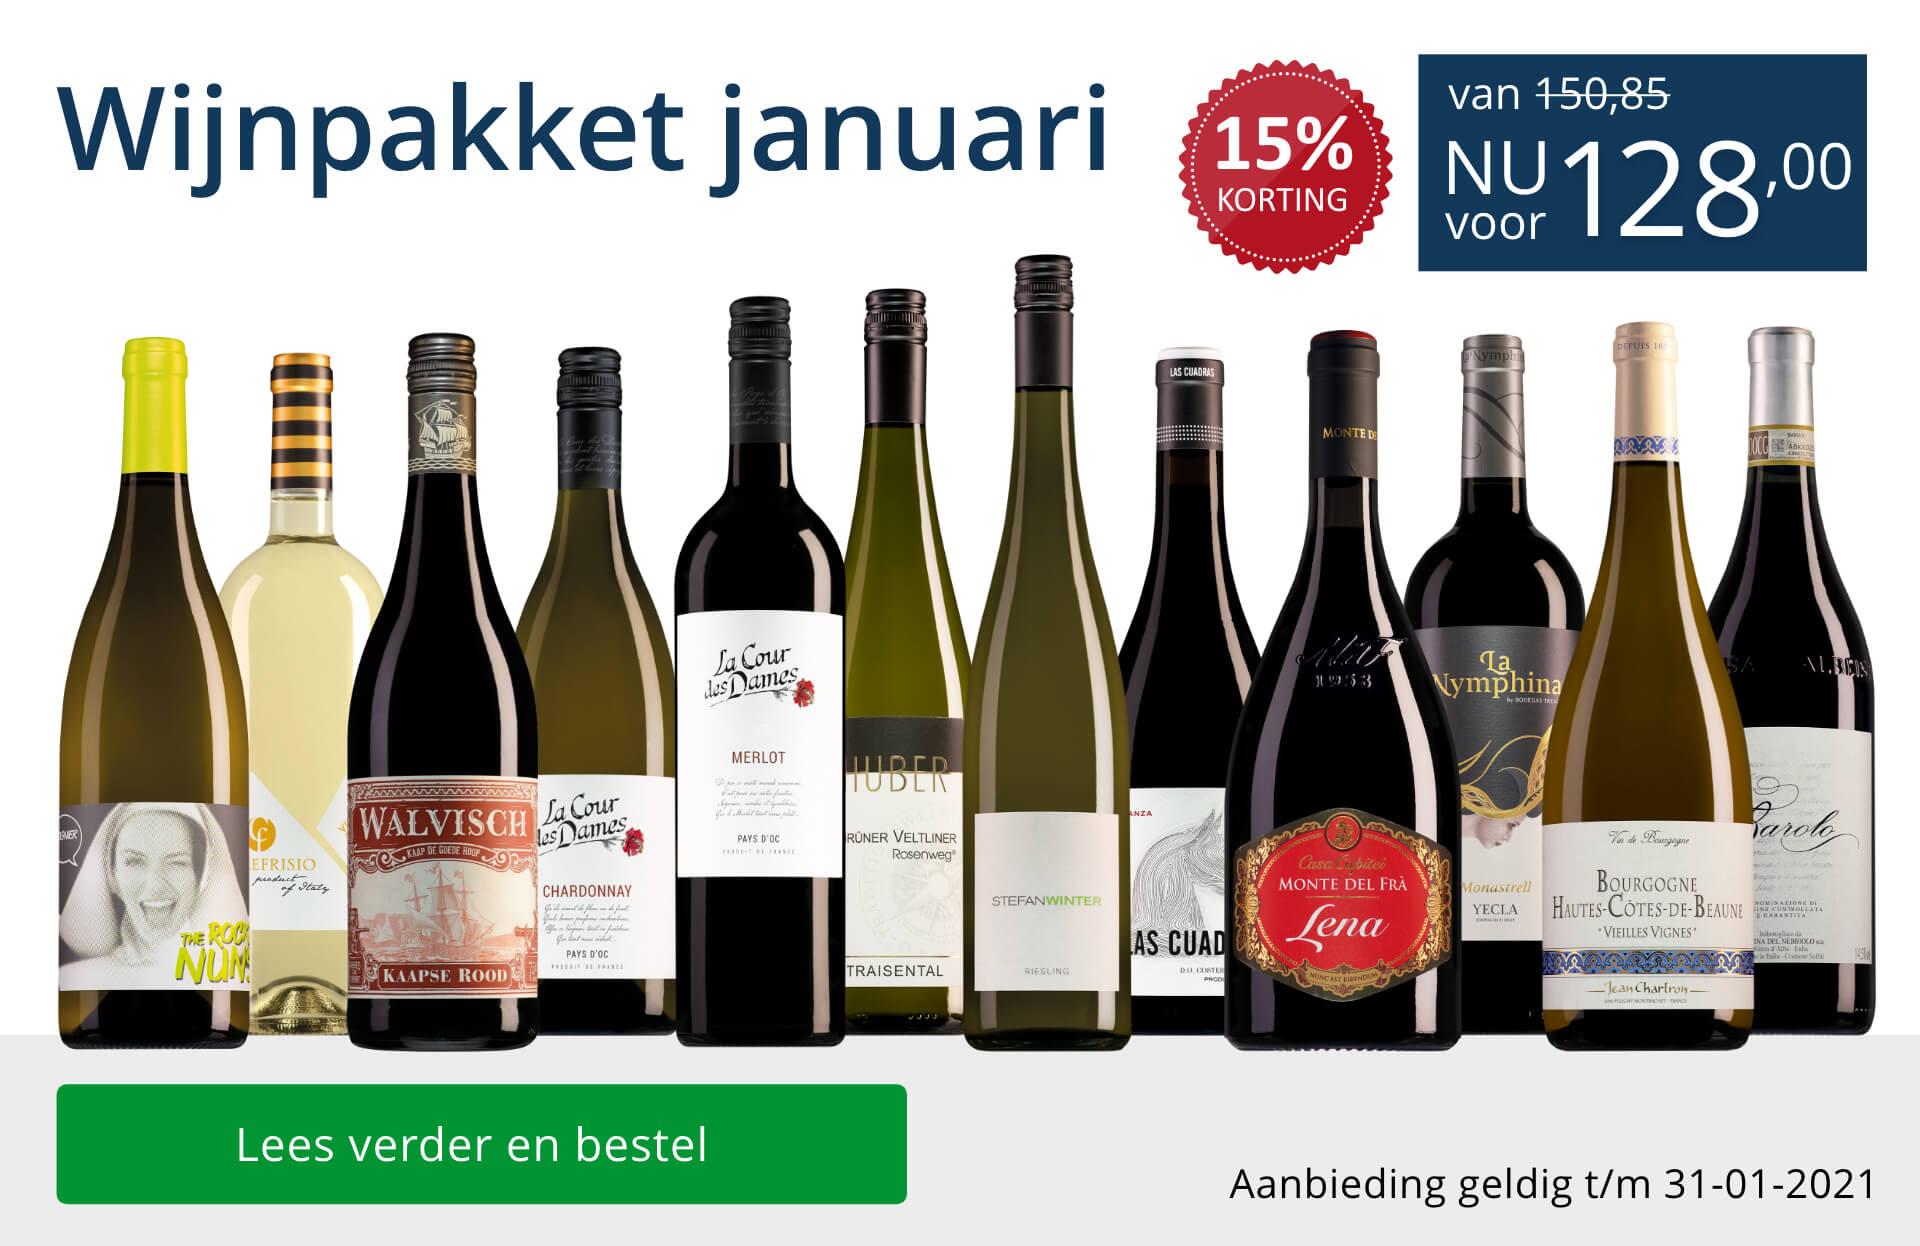 Wijnpakket wijnbericht januari 2021 (128,00) - blauw